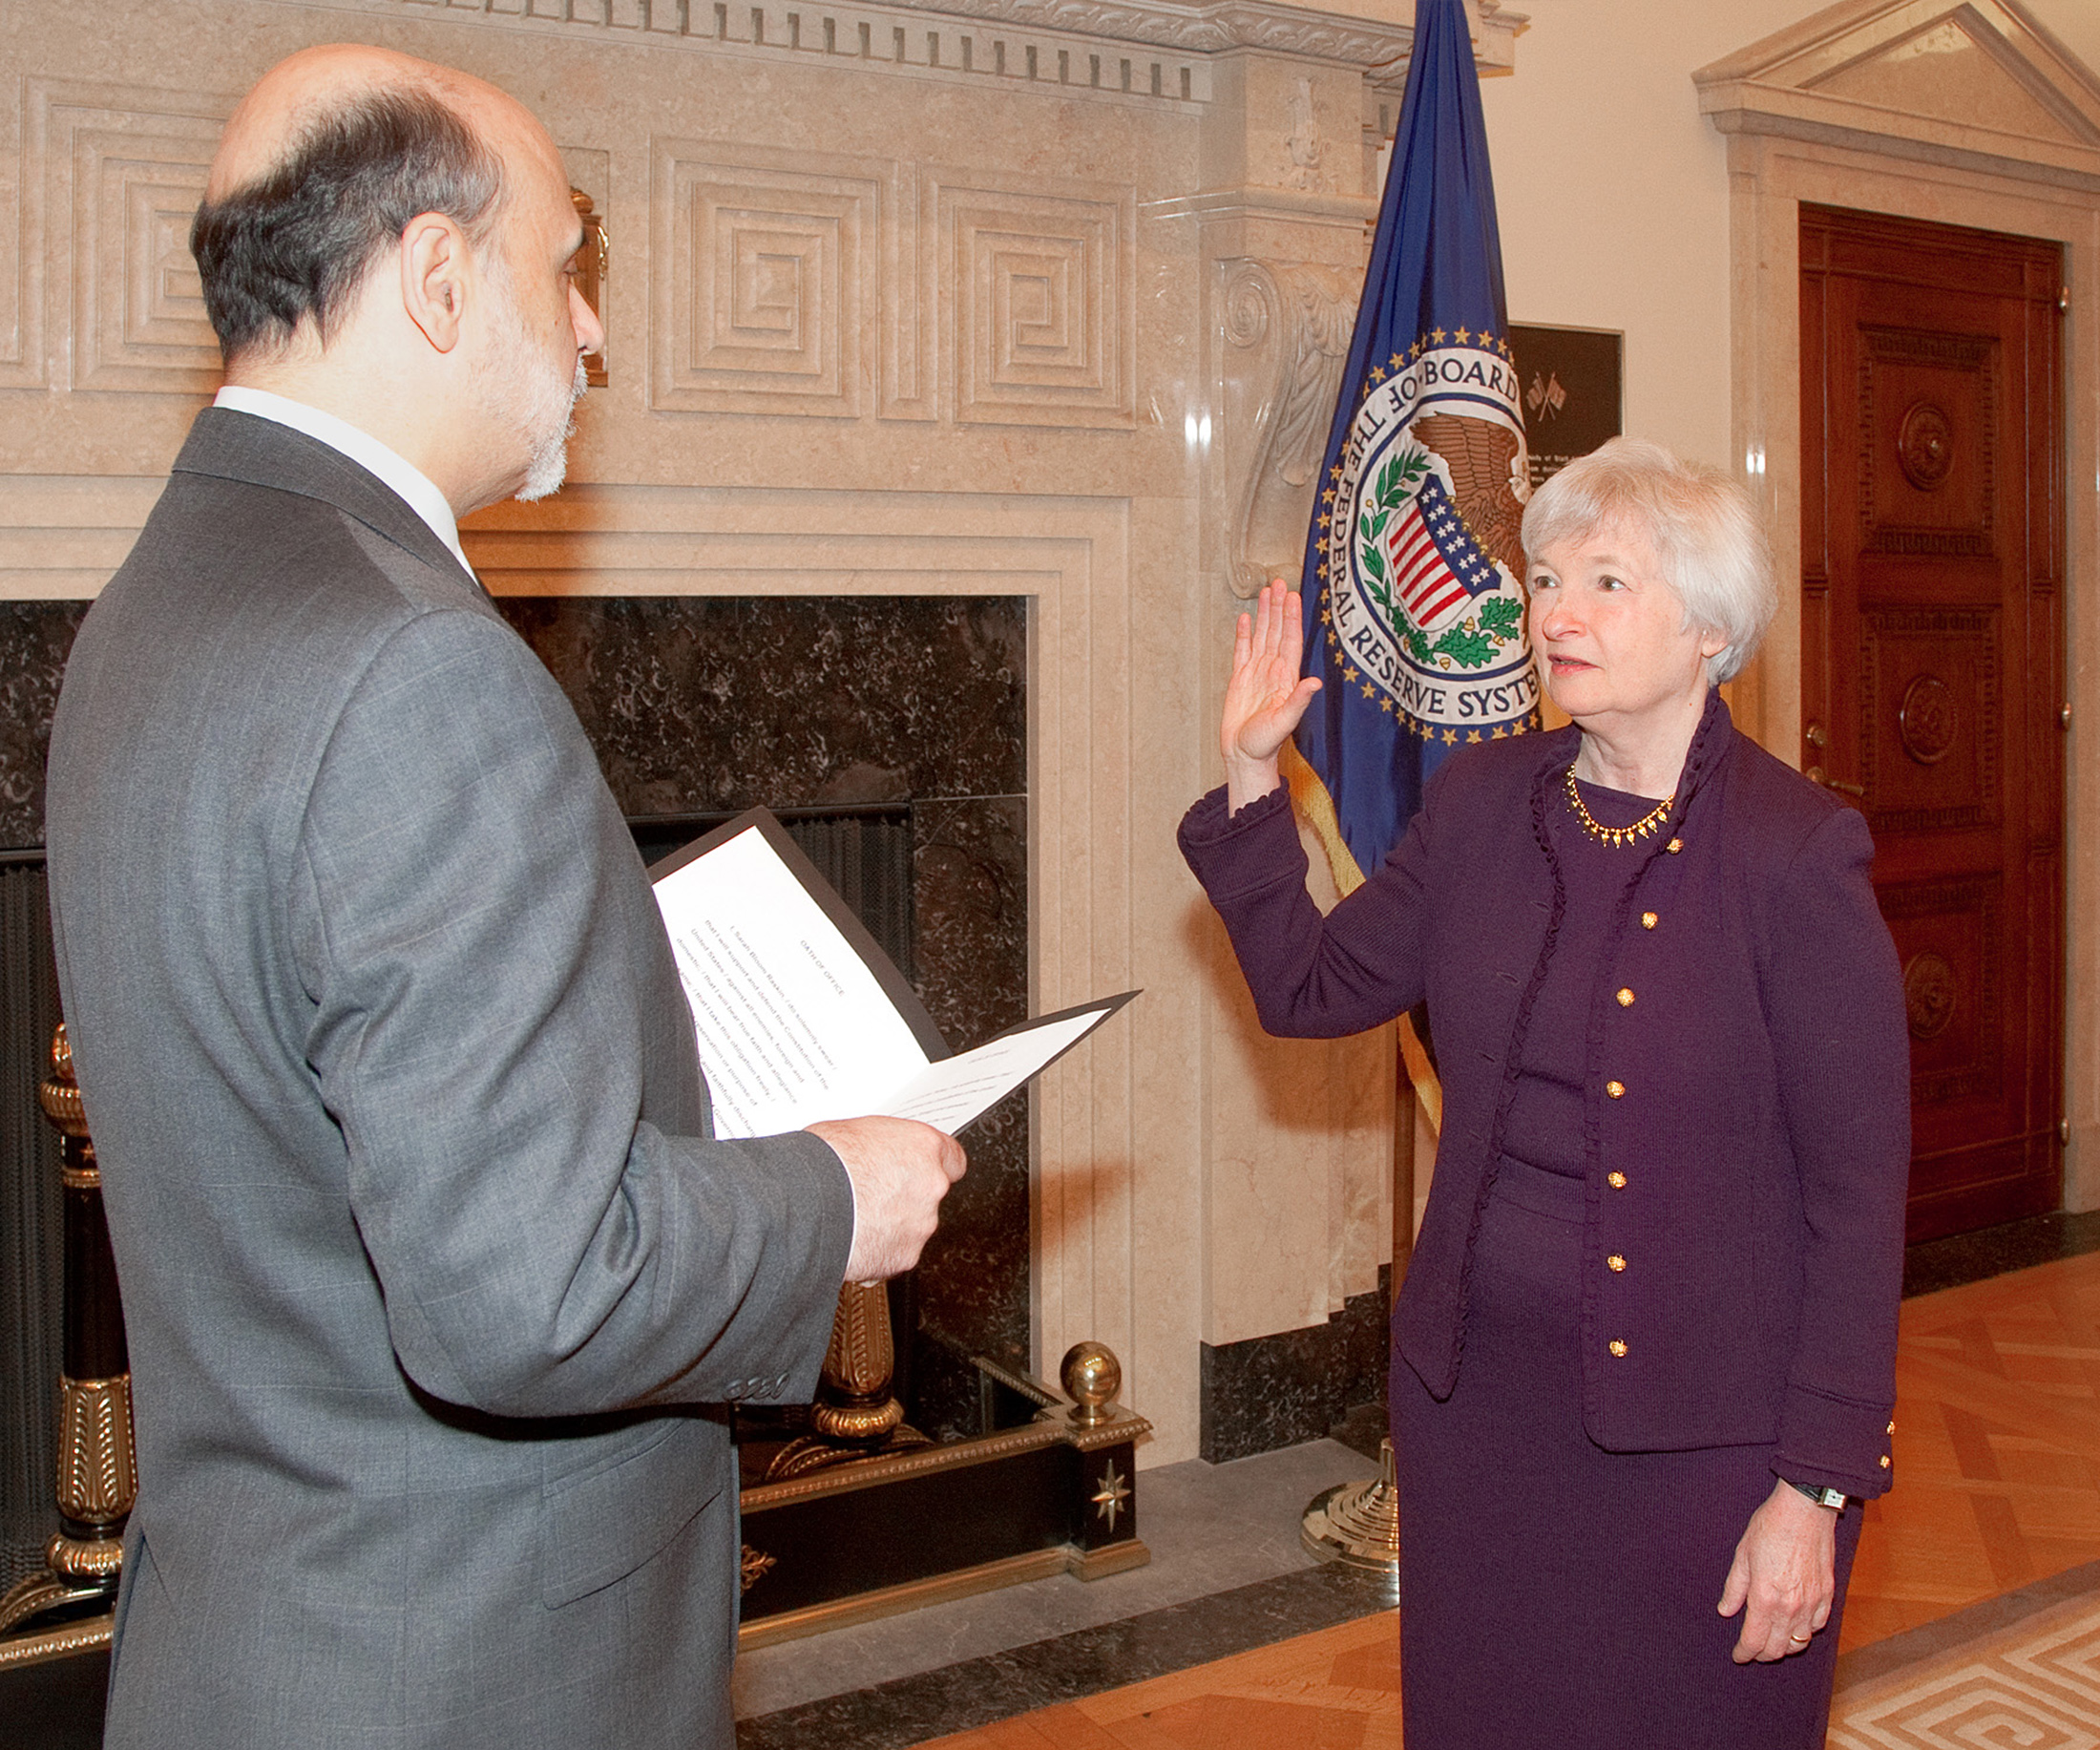 The Best Janet Yellen Obama